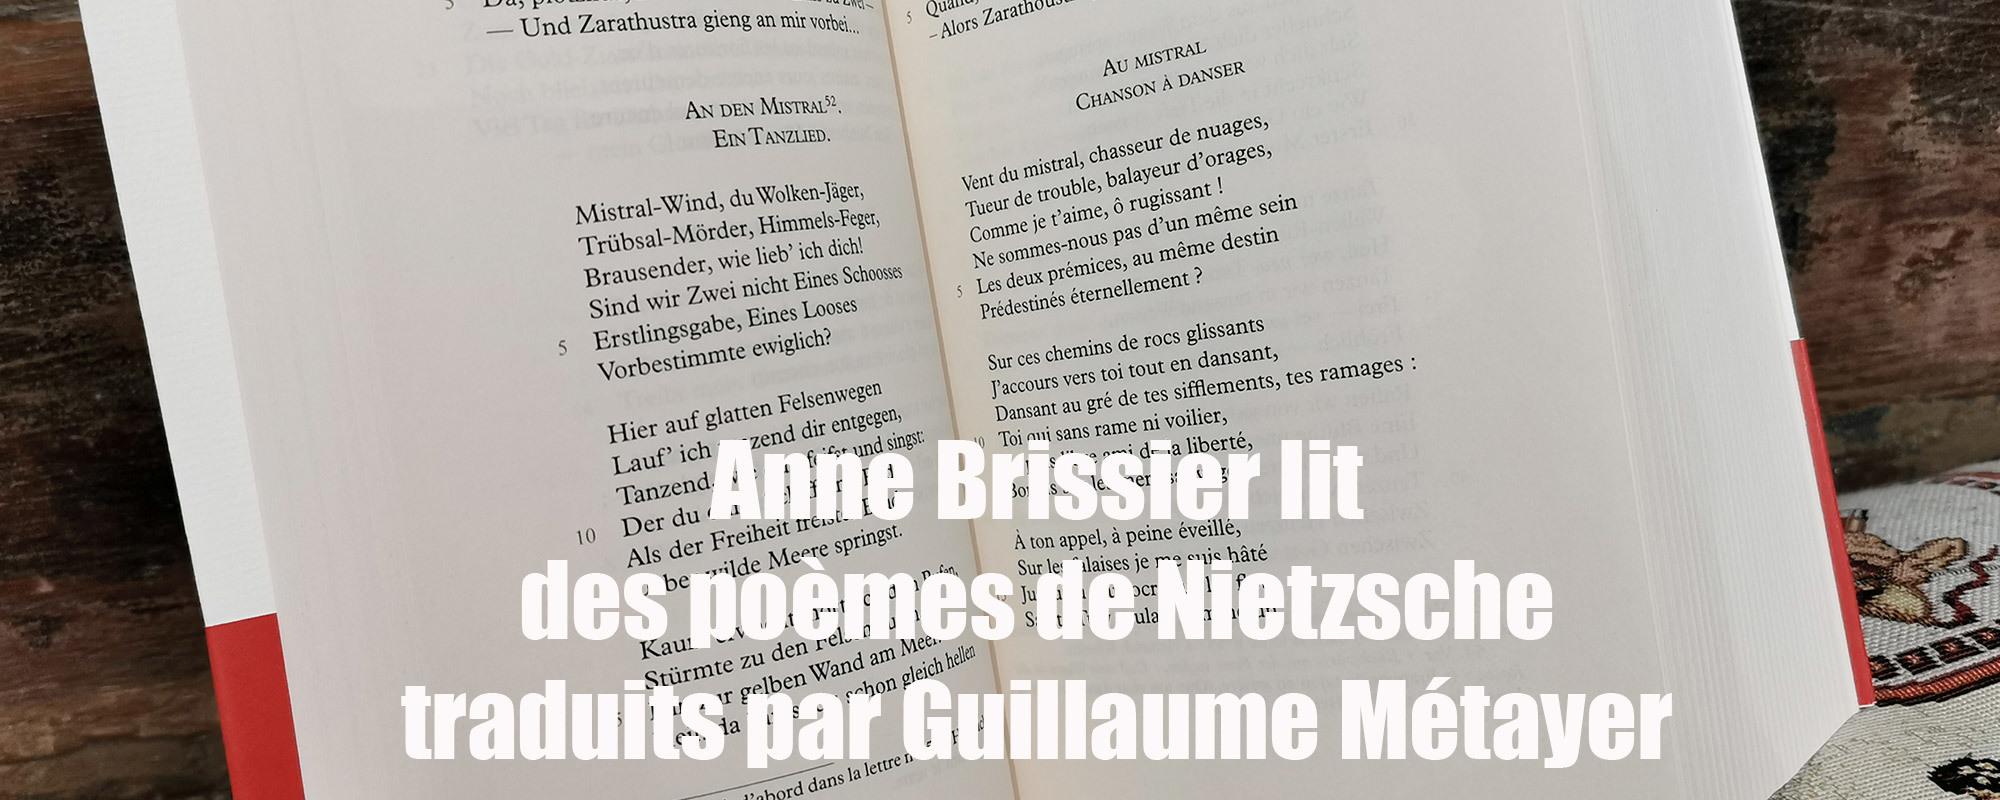 Anne Brissier revient, vendredi 23 octobre à 18h, lire une sélection de poèmes de Friedrich Nietzsche, dans la nouvelle traduction de Guillaume Métayer, également présent.